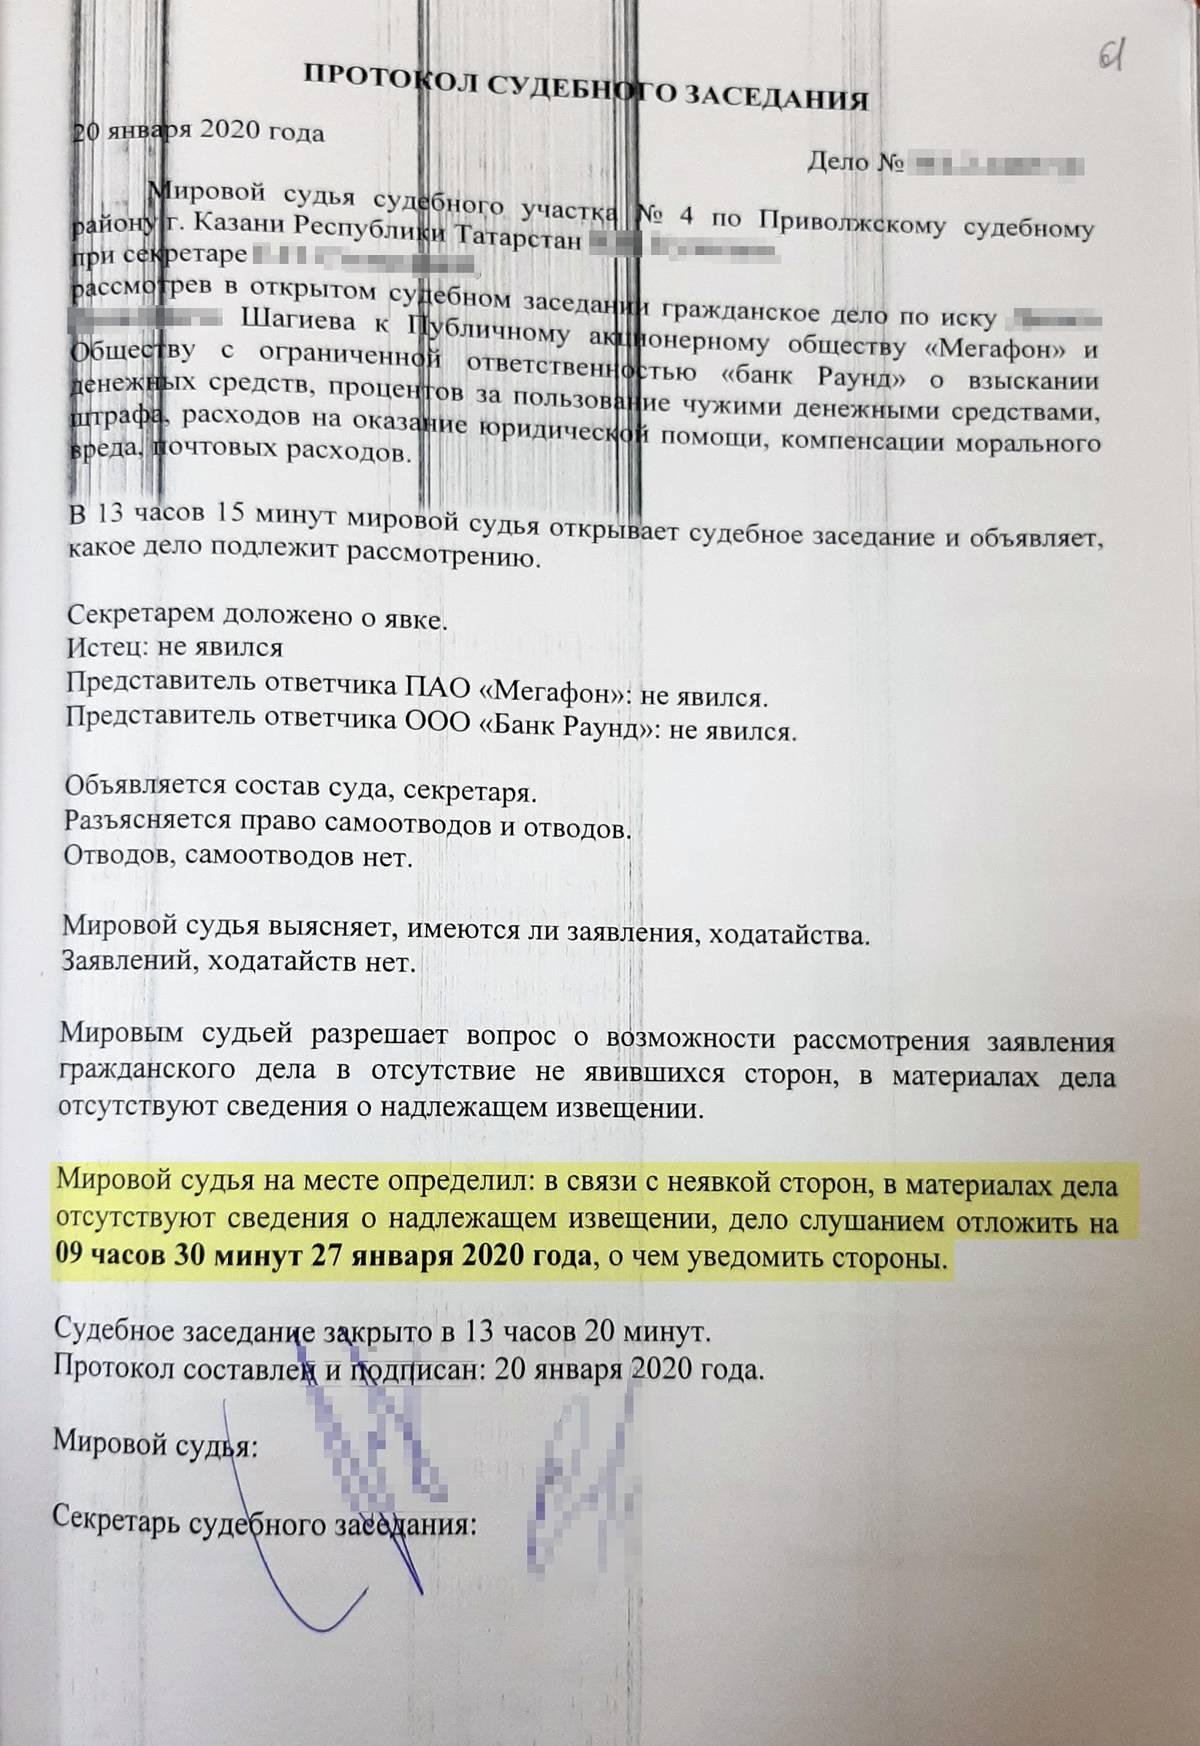 Протокол судебного заседания 20 января. Из-за того, что суд не уведомил стороны процесса, рассмотрение дела отложили на неделю